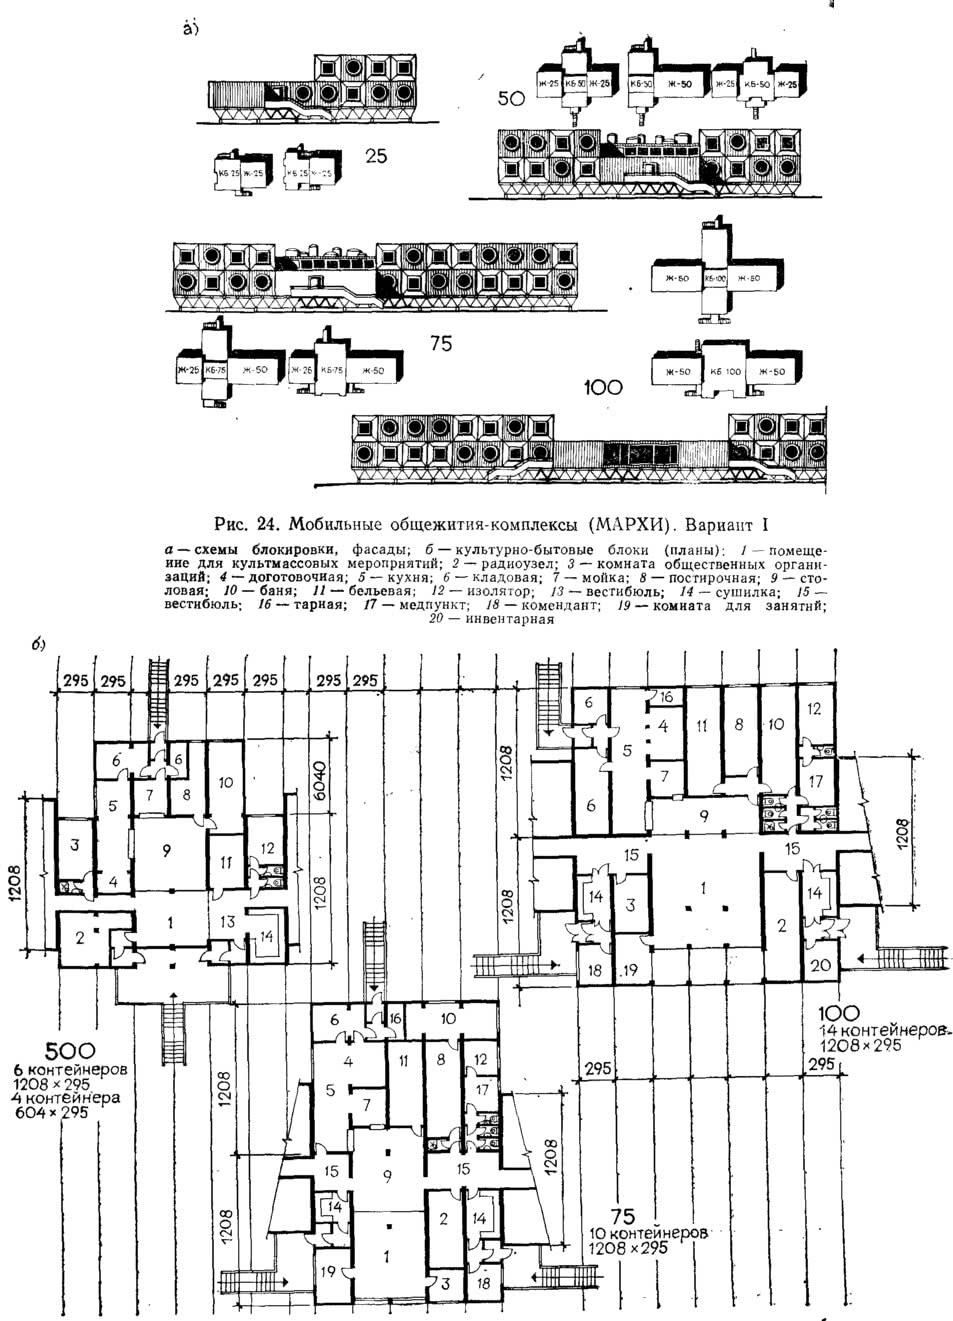 Рис. 24. Мобильные общежития-комплексы (МАРХИ). Вариант I